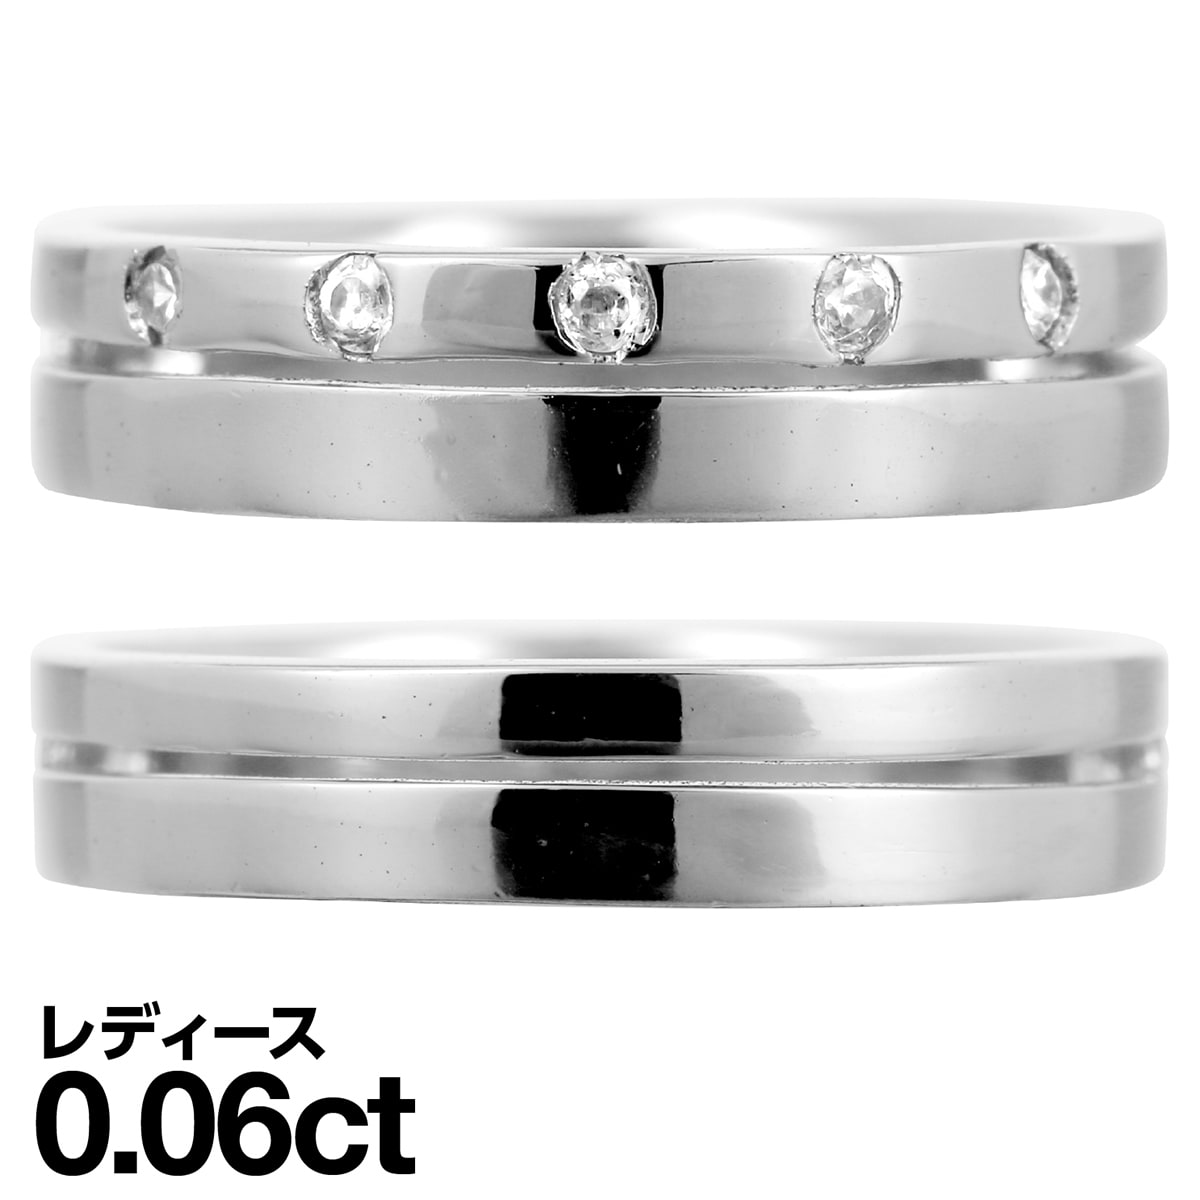 大好き 結婚指輪 マリッジリング k18 イエローゴールド/ホワイトゴールド/ピンクゴールド ダイヤモンド 2本セット 品質保証書 金属アレルギー 日本製 クリスマス ギフト プレゼント, デイリーグッズショップ 8e497e40